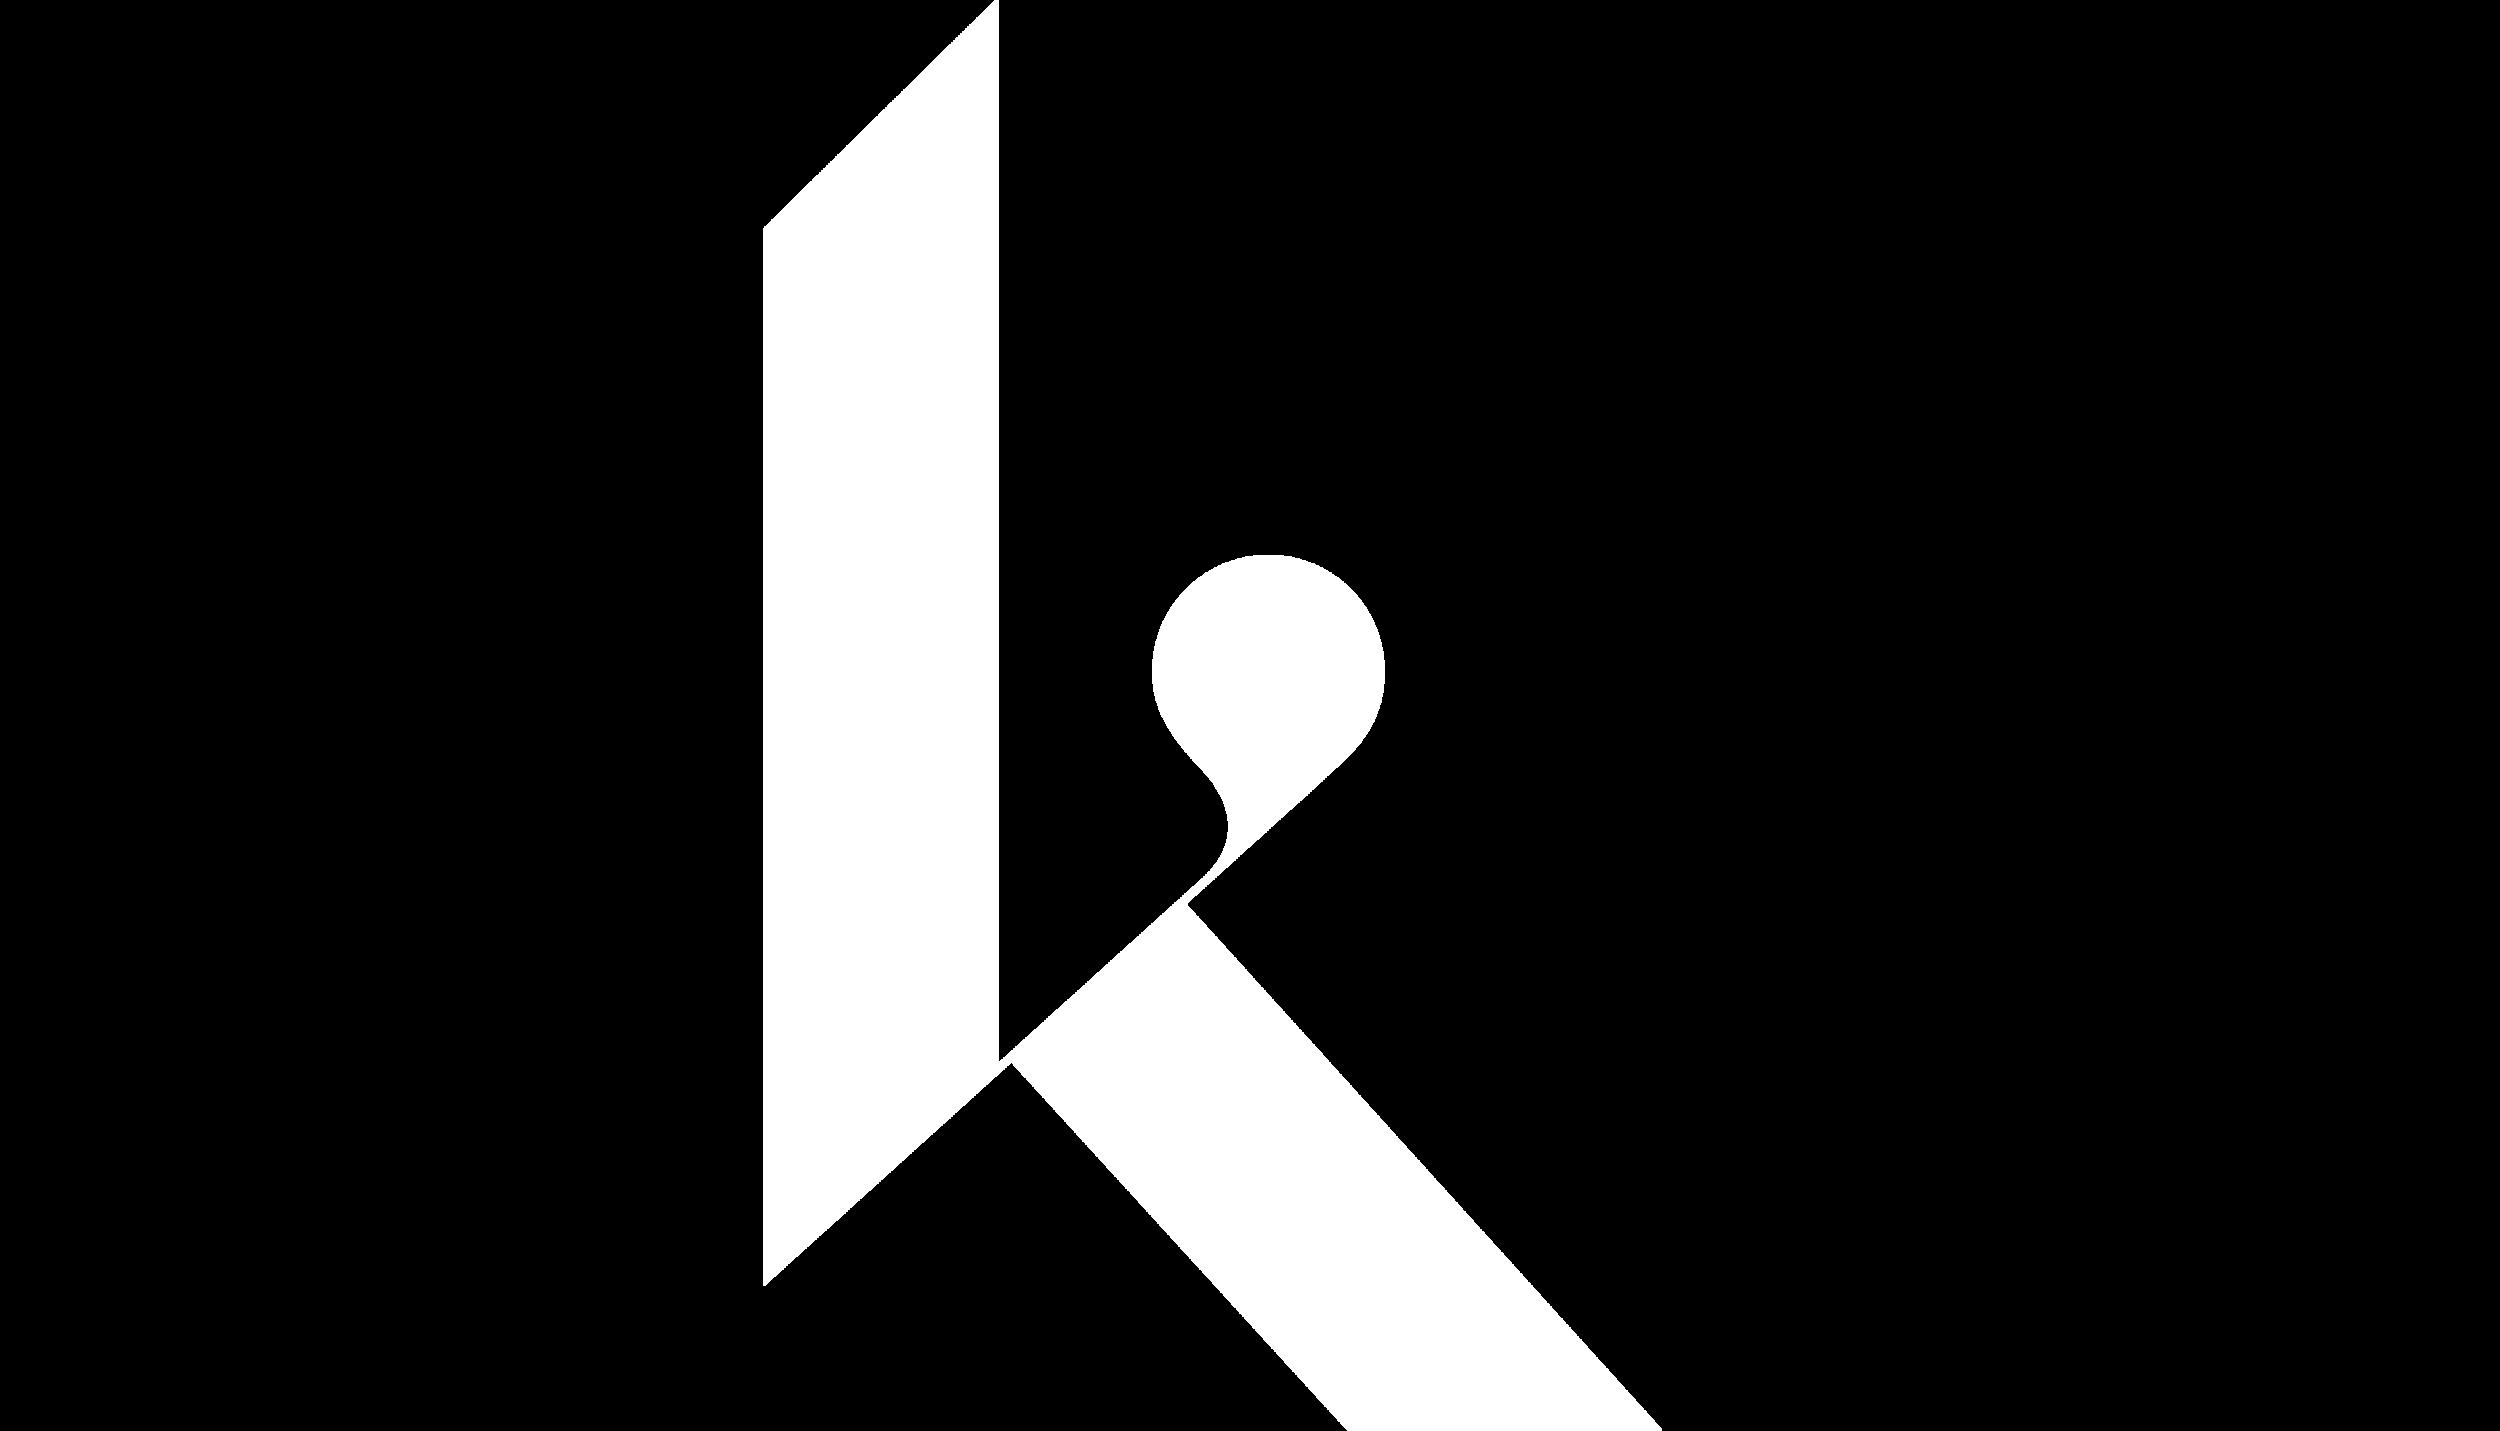 K_logo_white.png